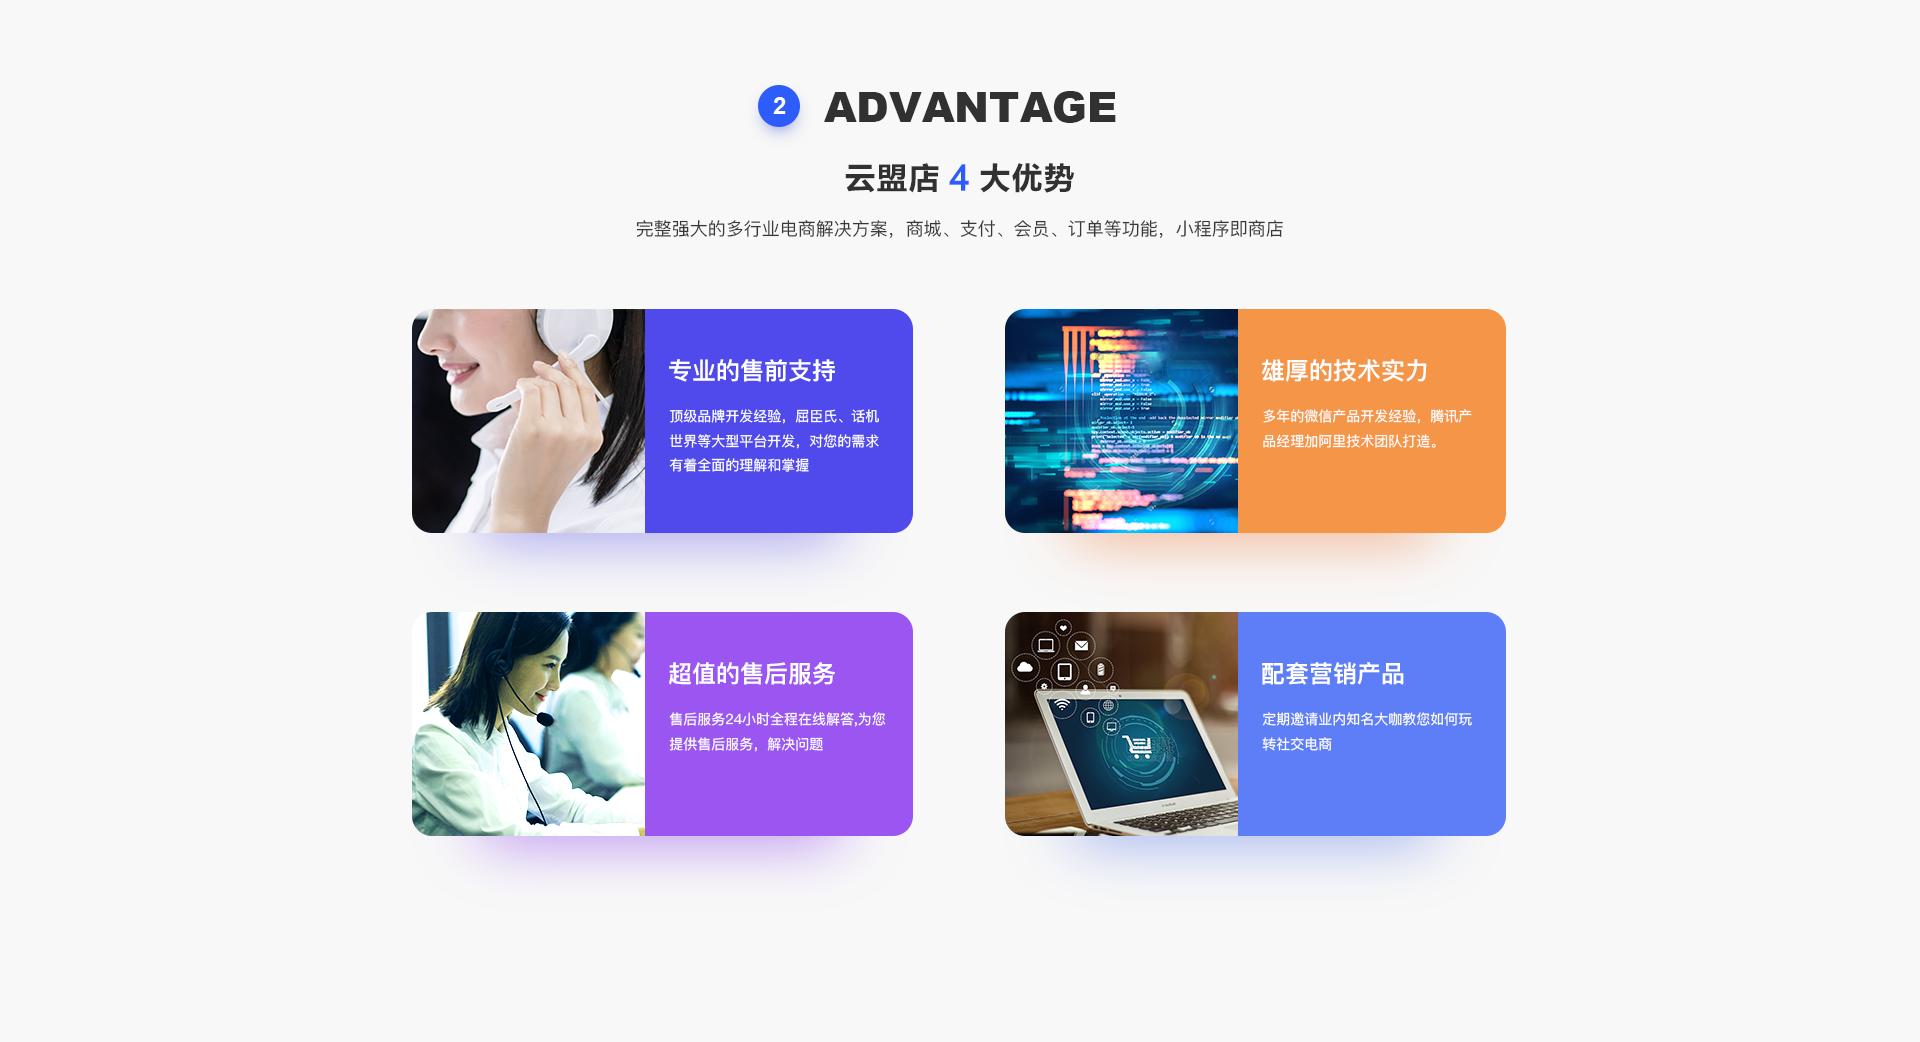 深圳鲸诚科技有限公司